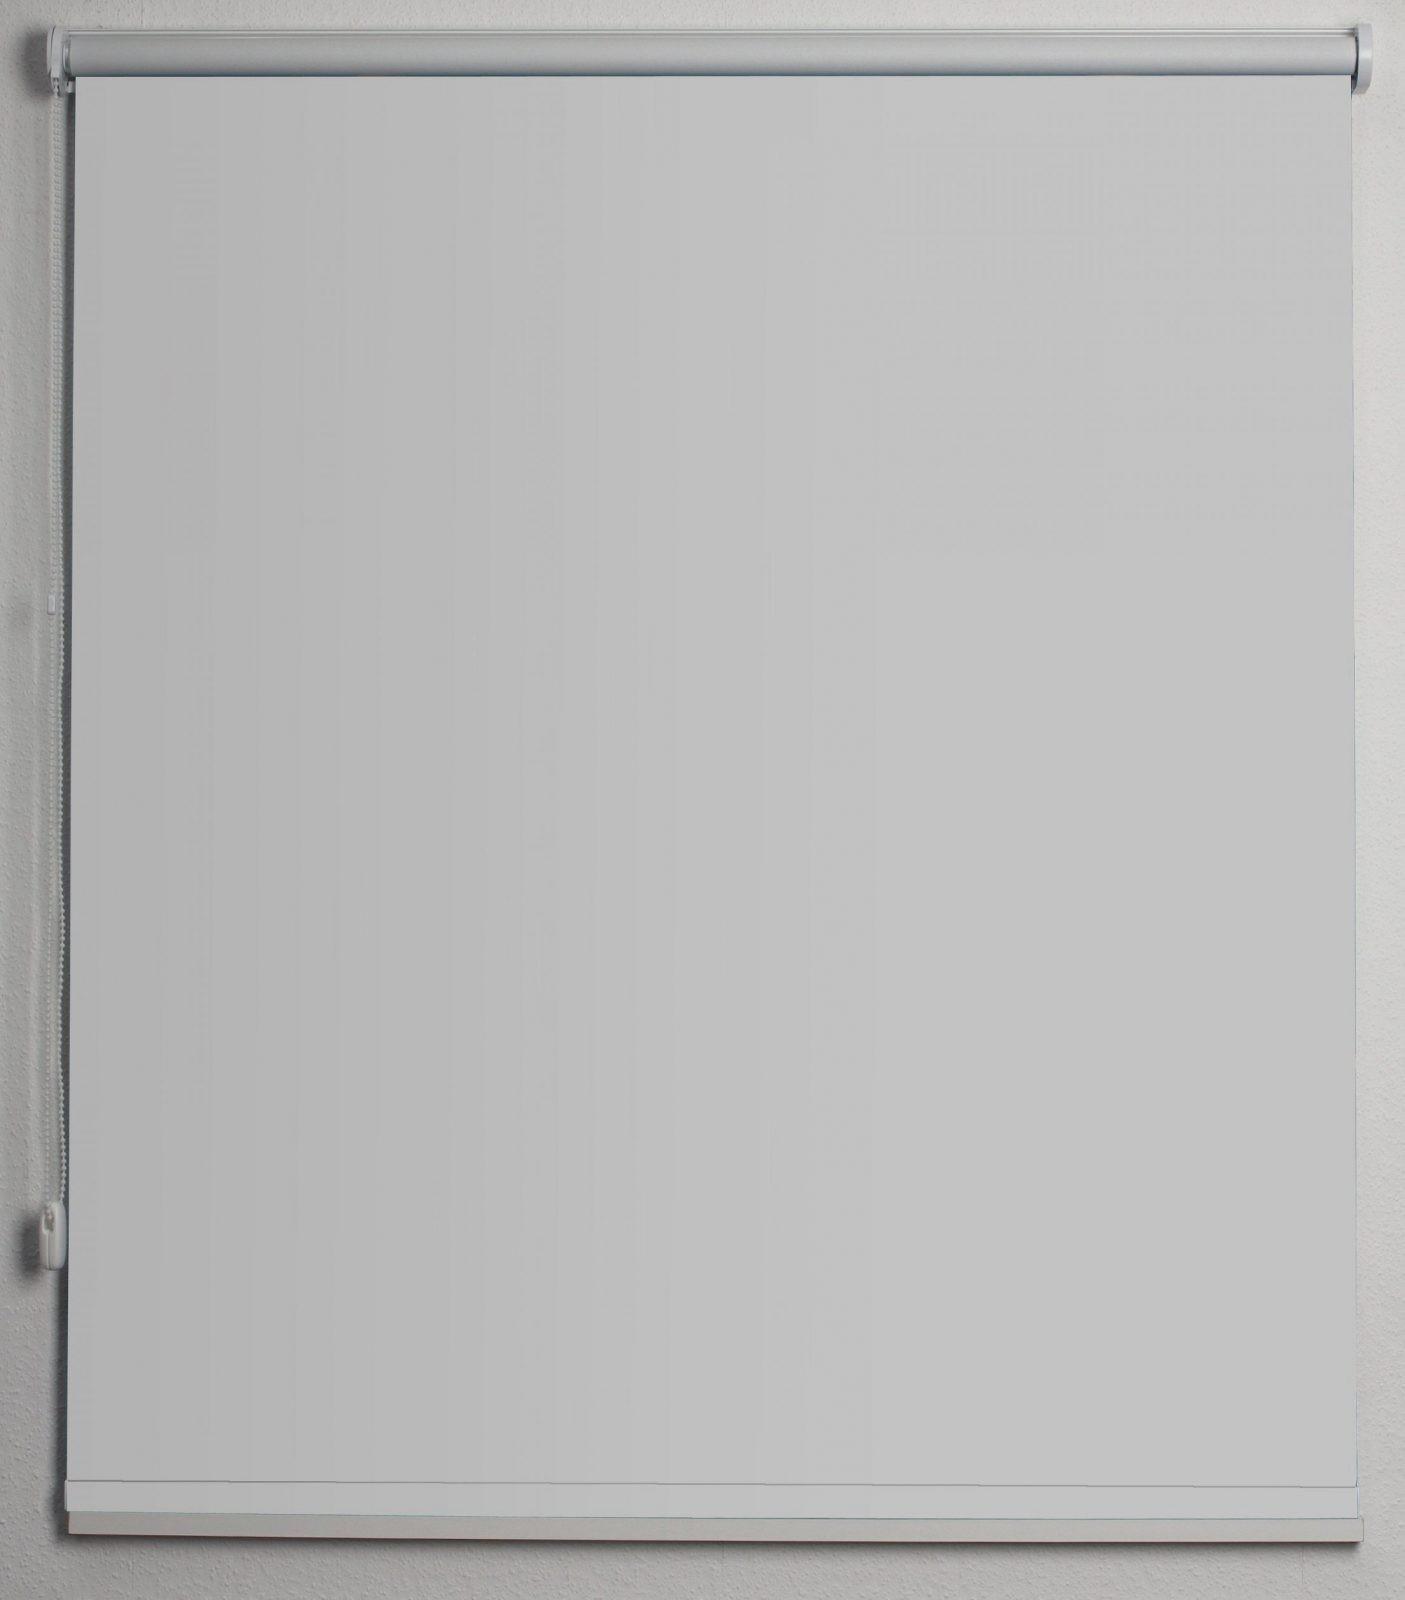 verdunkelungsrollo 180 cm breit bis 180 cm hoch farbe grau von verdunkelungsrollo 180 cm breit. Black Bedroom Furniture Sets. Home Design Ideas